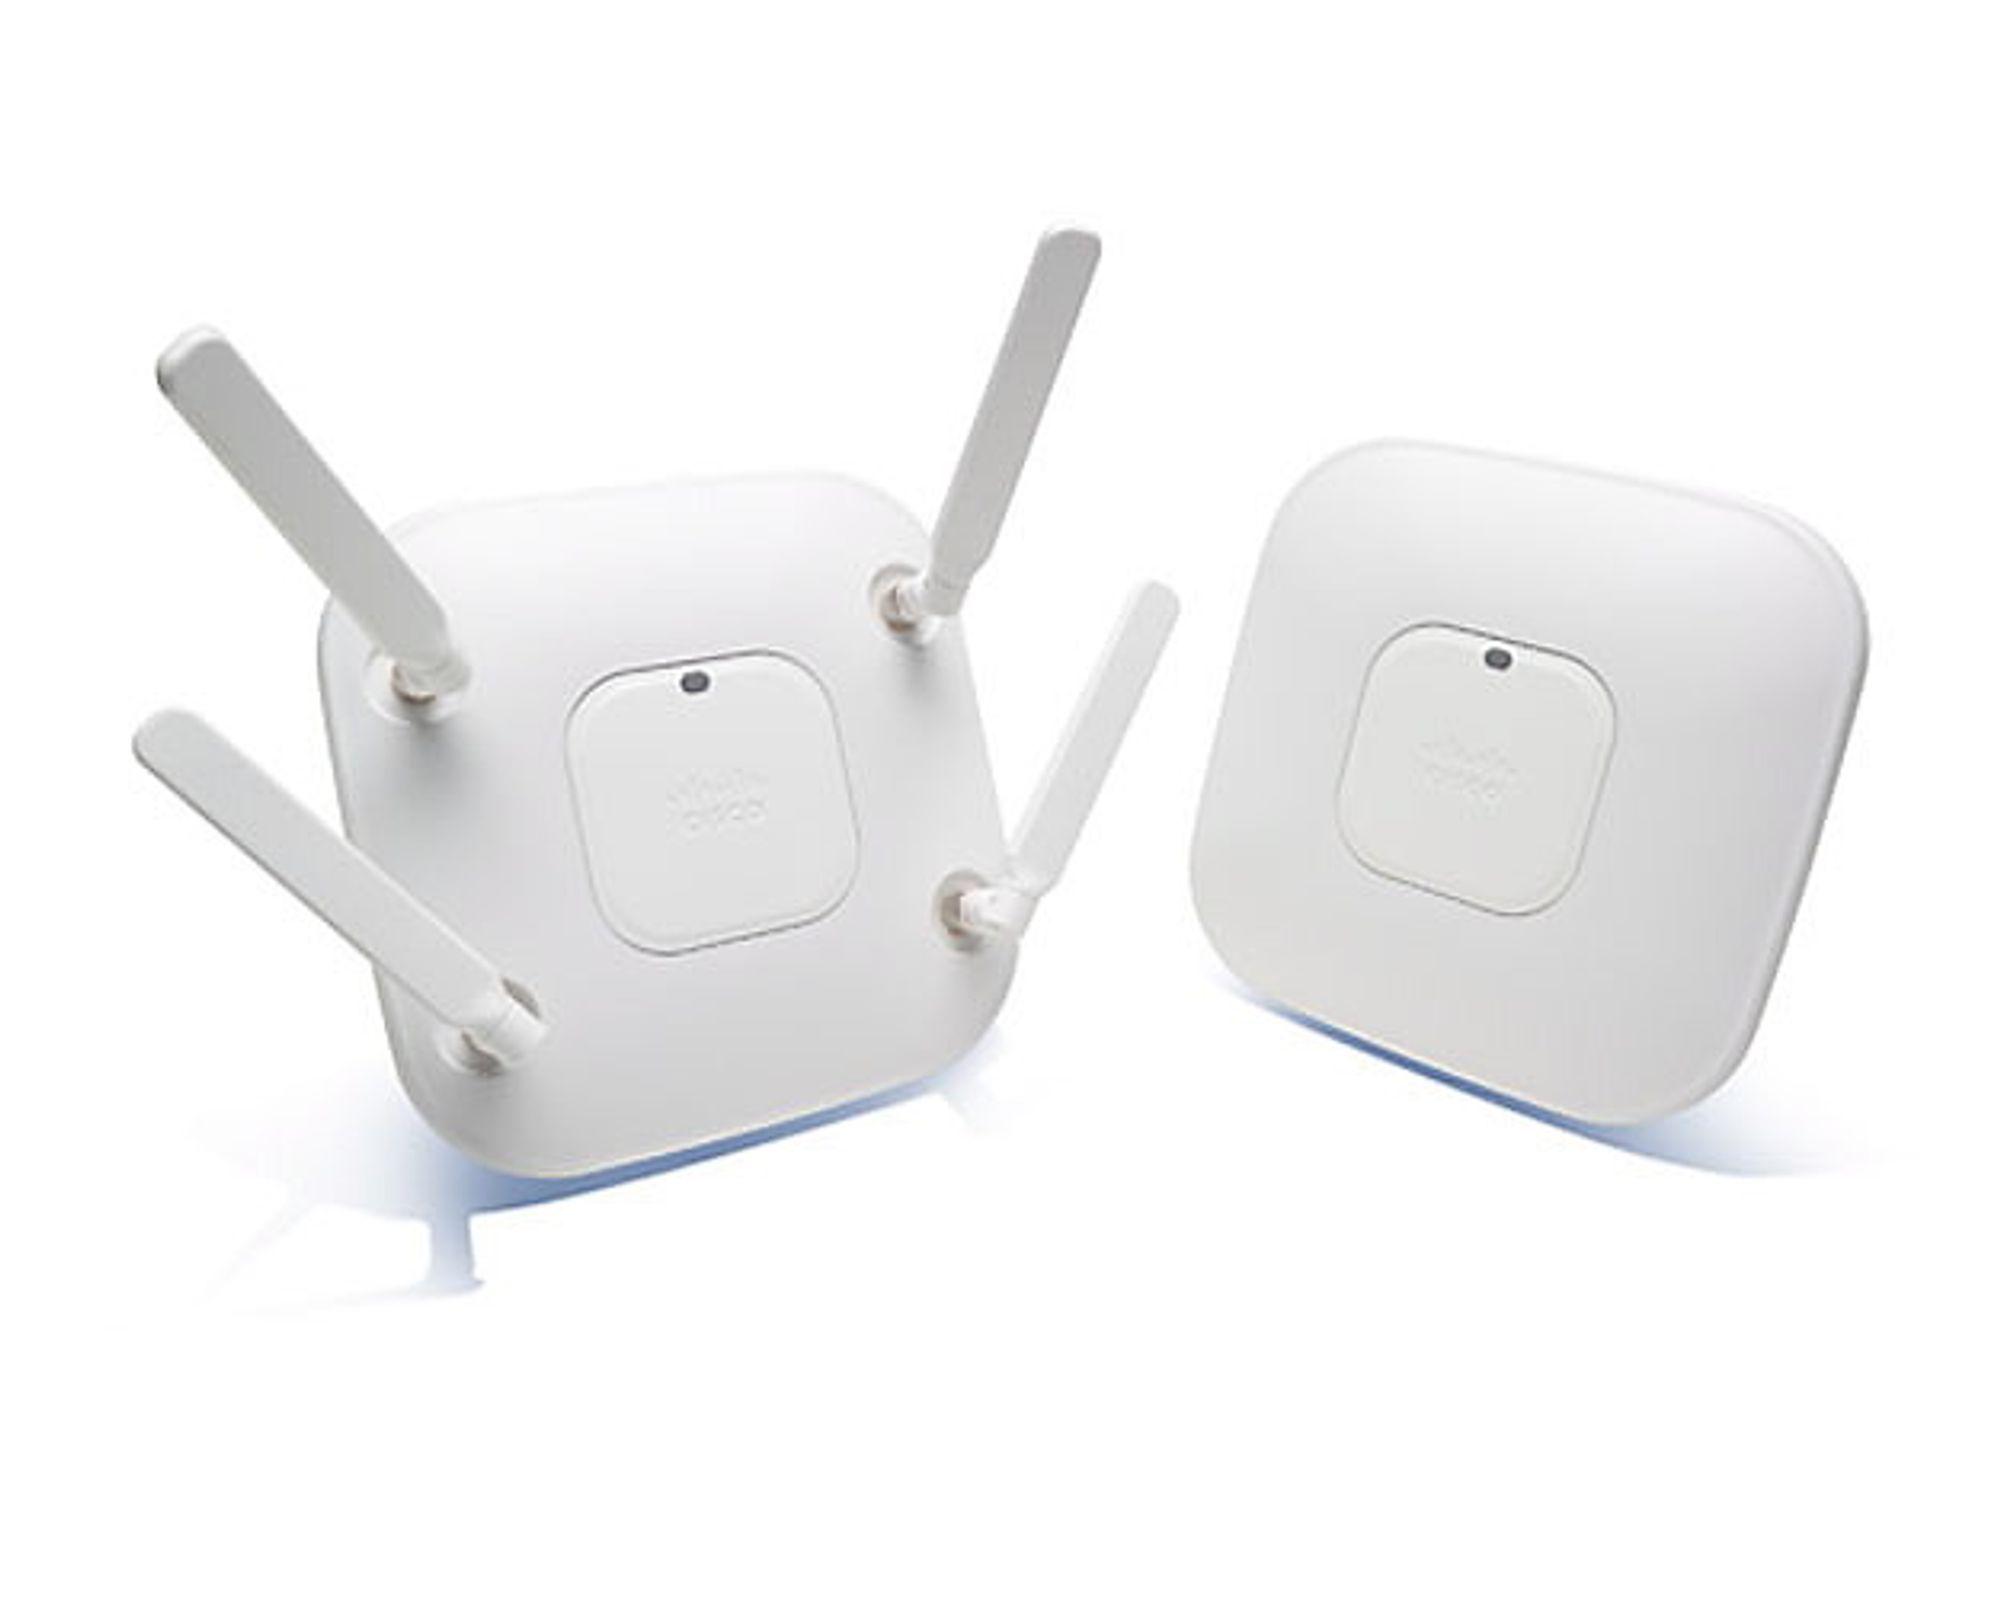 VERDENS RASKESTE: Ciscos nye trådløse ruter, Aironet 3600, skal gi fantastisk ytelse - og kommer i versjoner med utvendige og innvendige antenner.